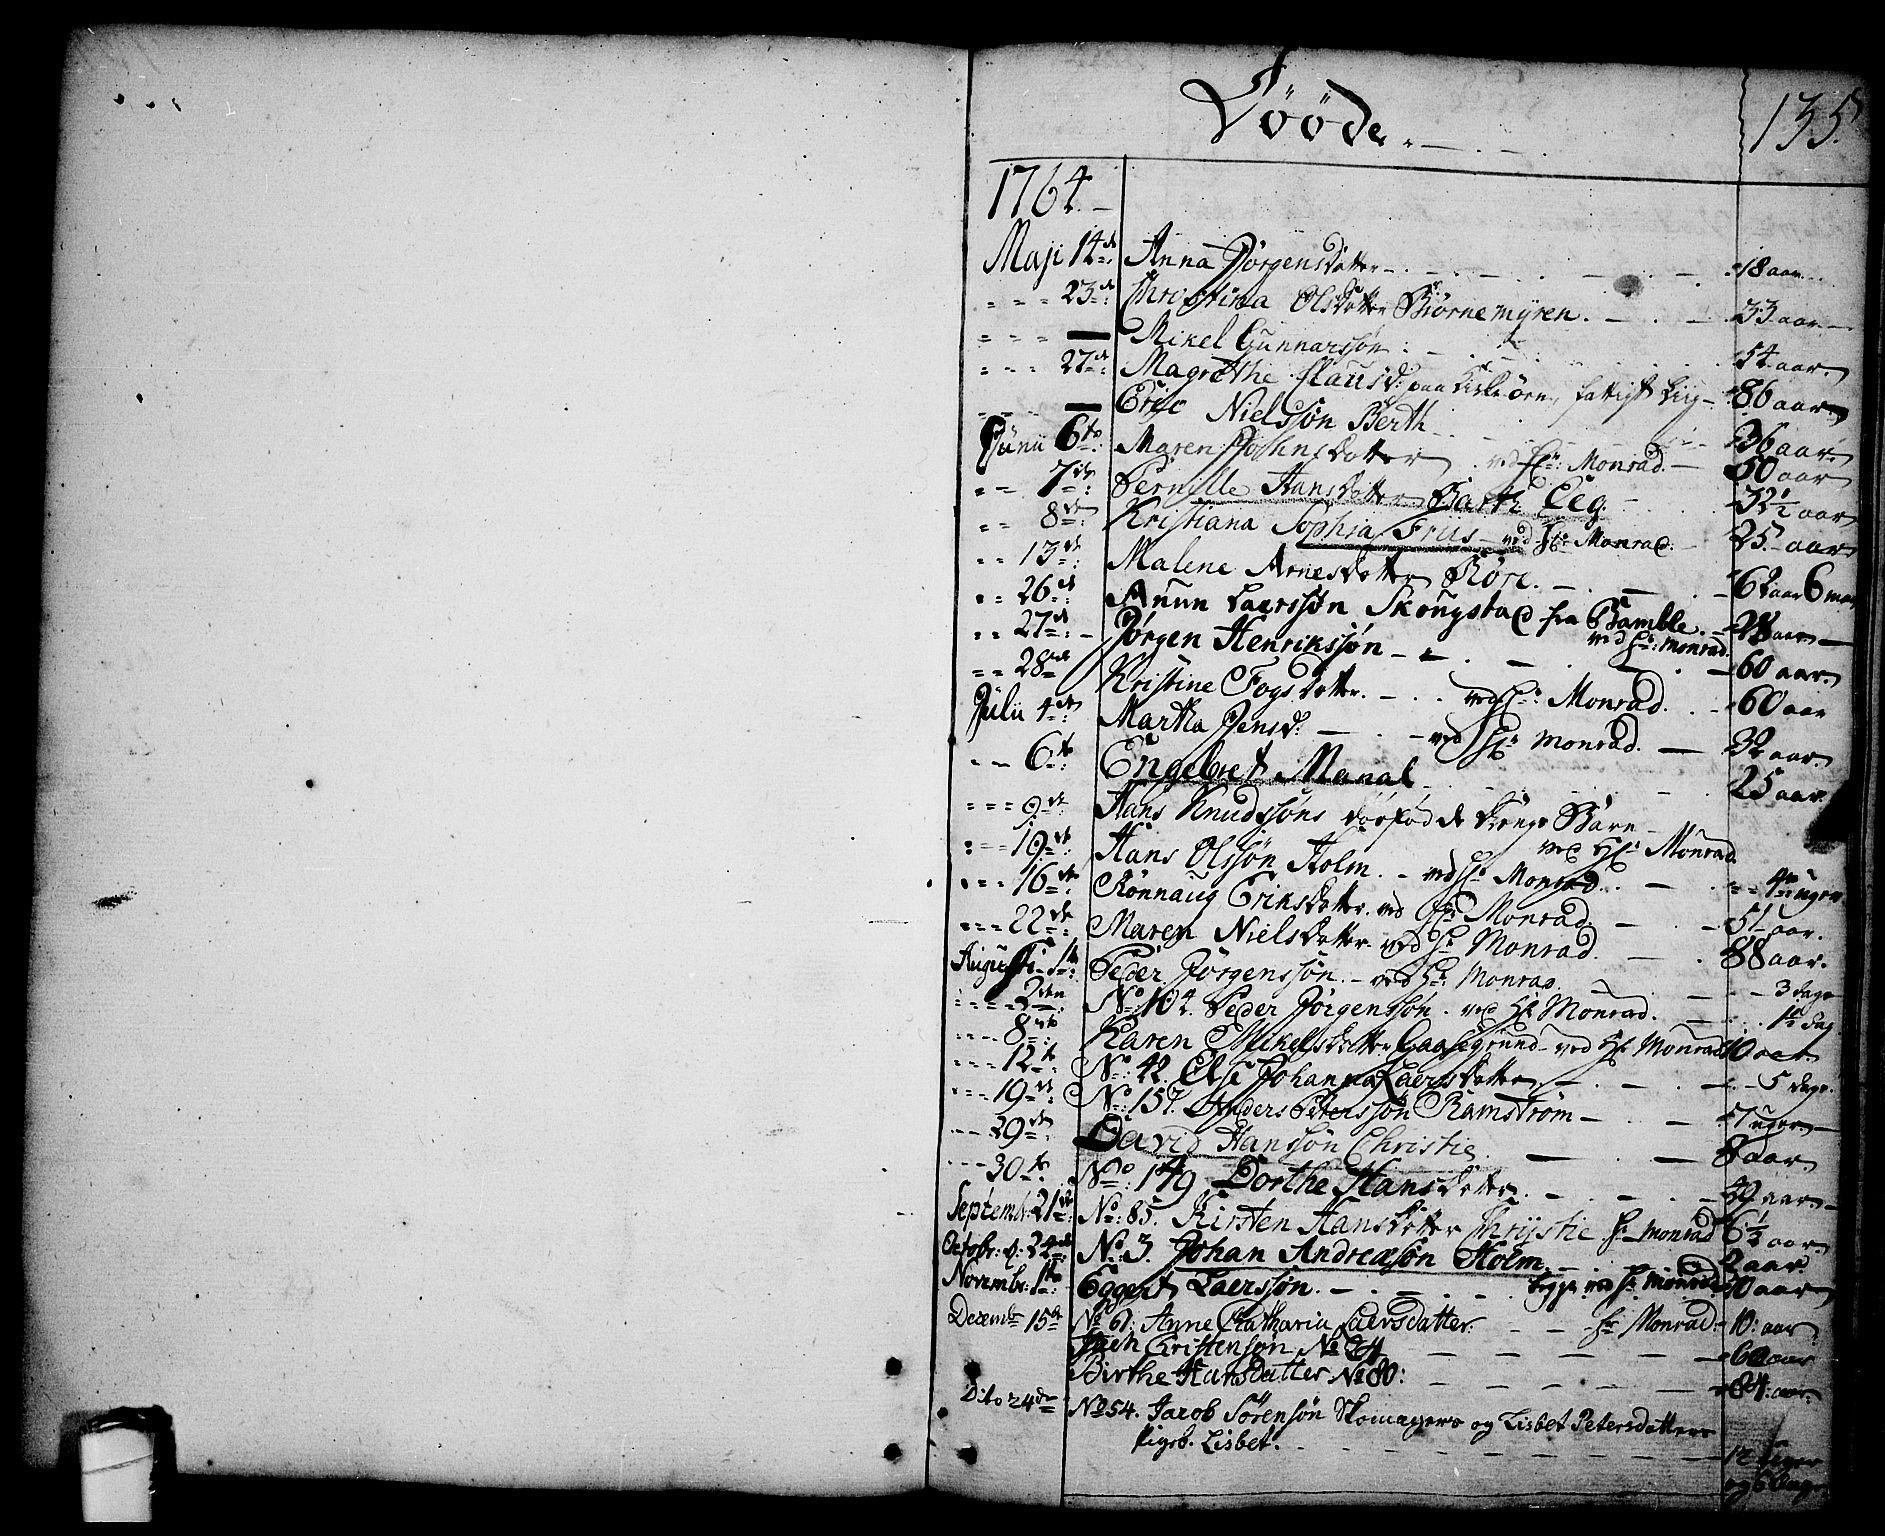 SAKO, Brevik kirkebøker, F/Fa/L0003: Ministerialbok nr. 3, 1764-1814, s. 135